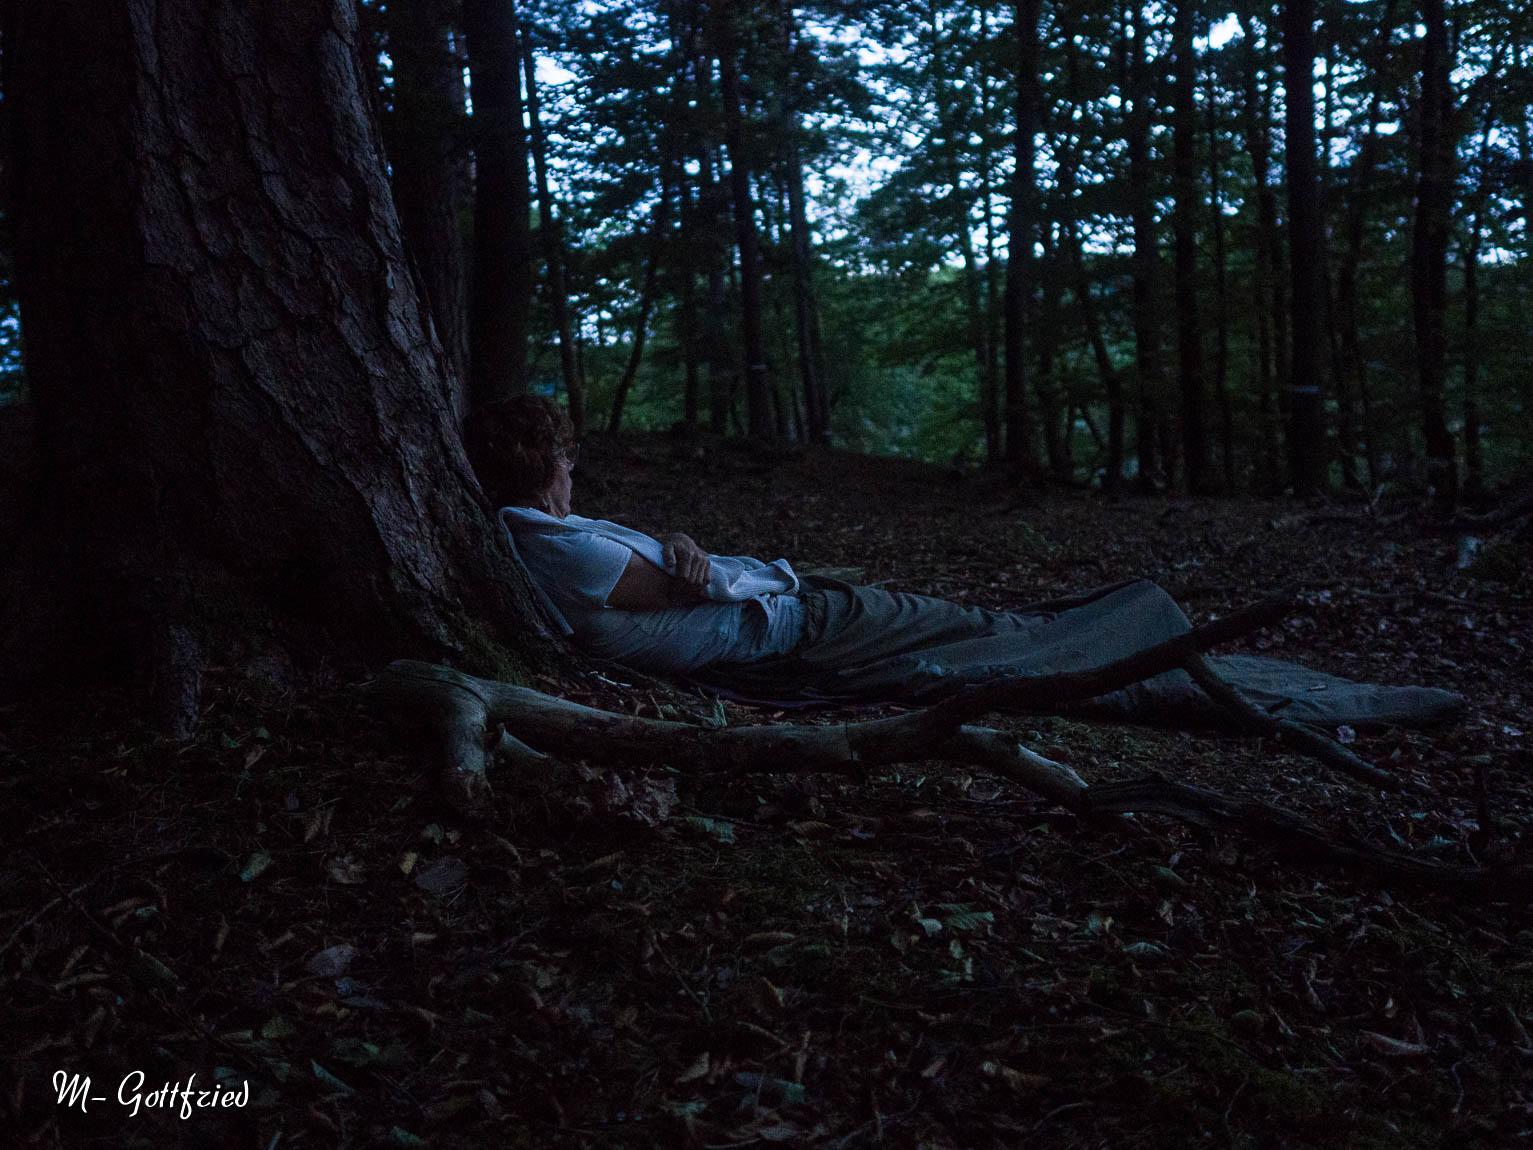 Bain de forêt nocturne